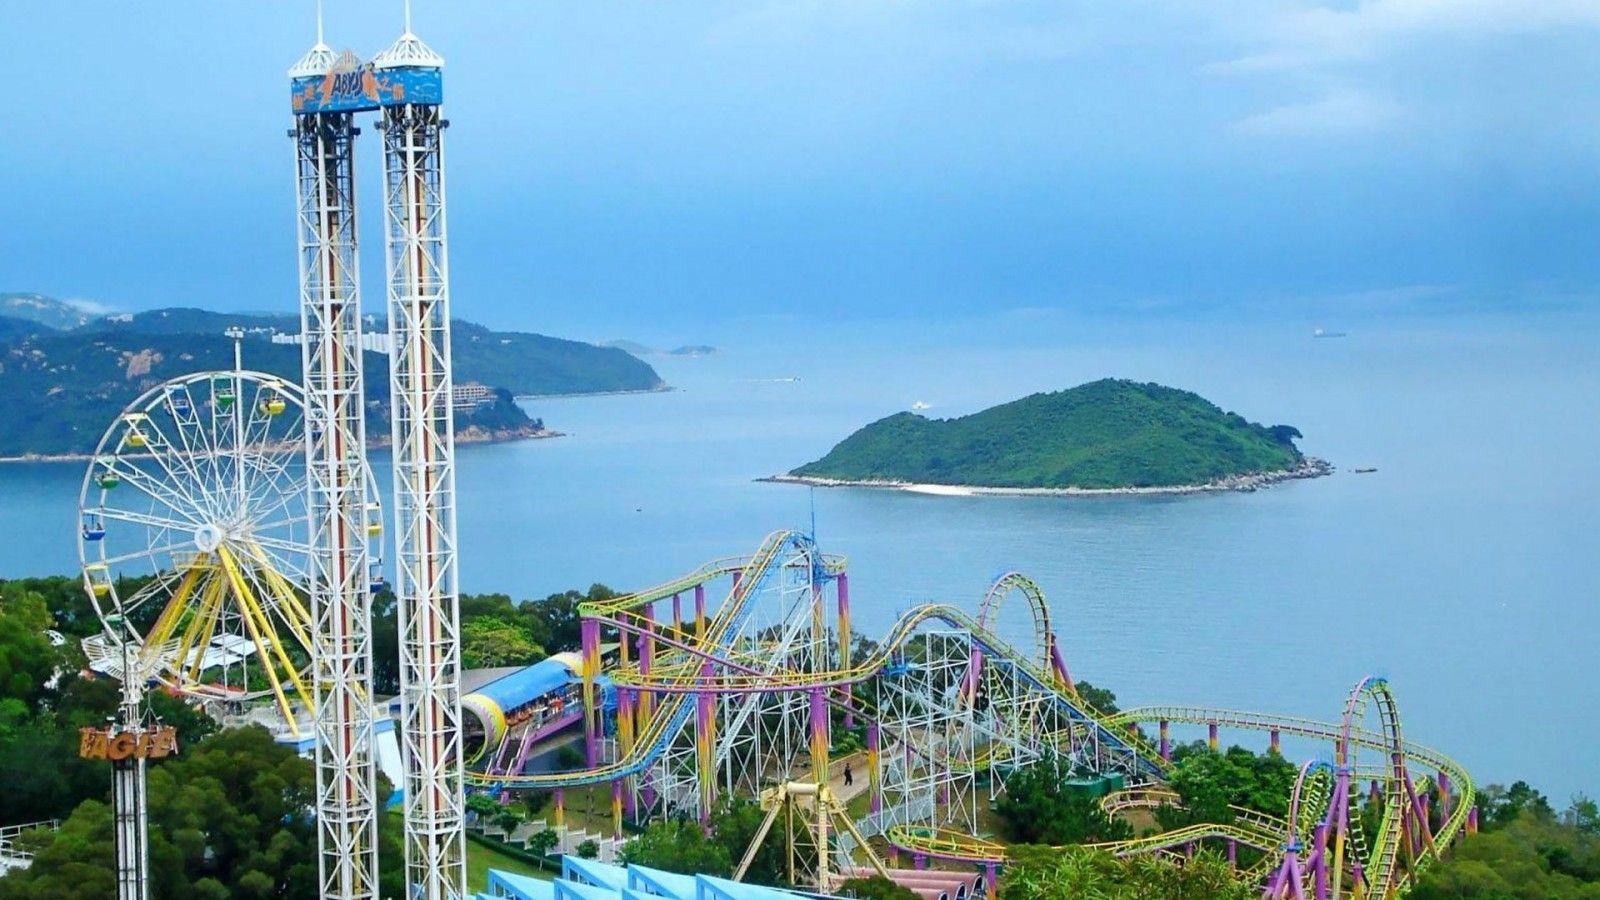 اطلالة ديزني لاند الراعئة المرسال Ocean Park Hong Kong Hong Kong Disneyland Ocean Park